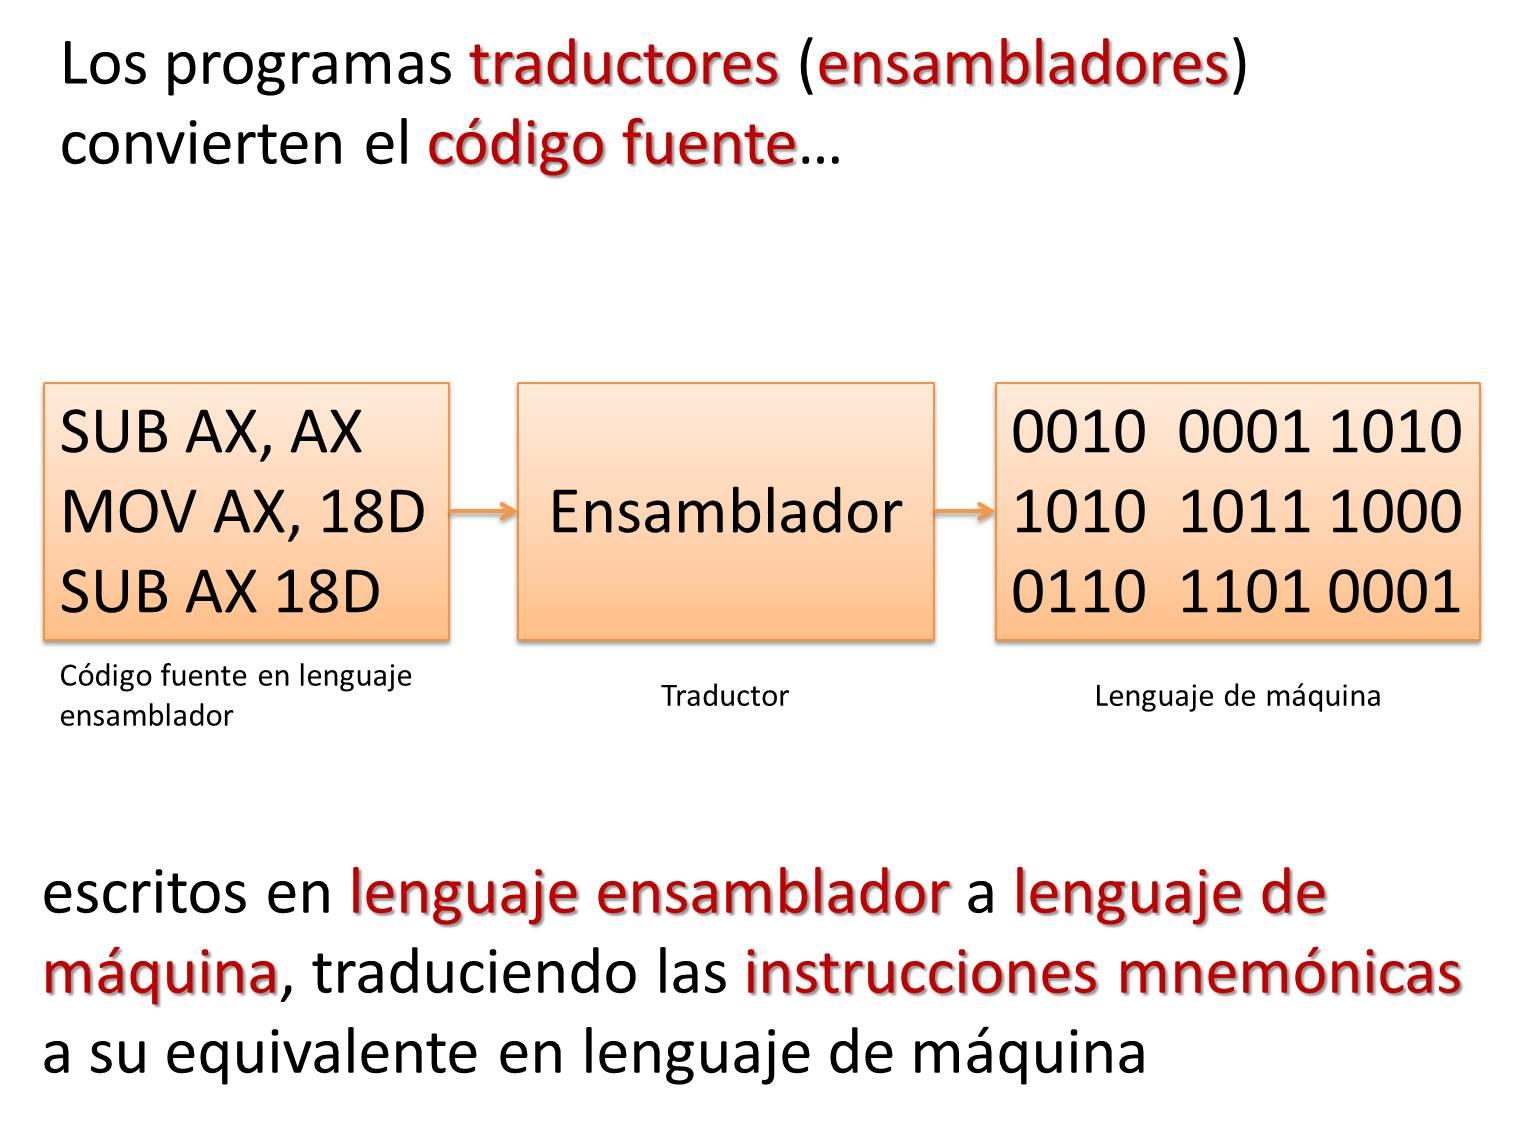 lenguaje ensamblador: